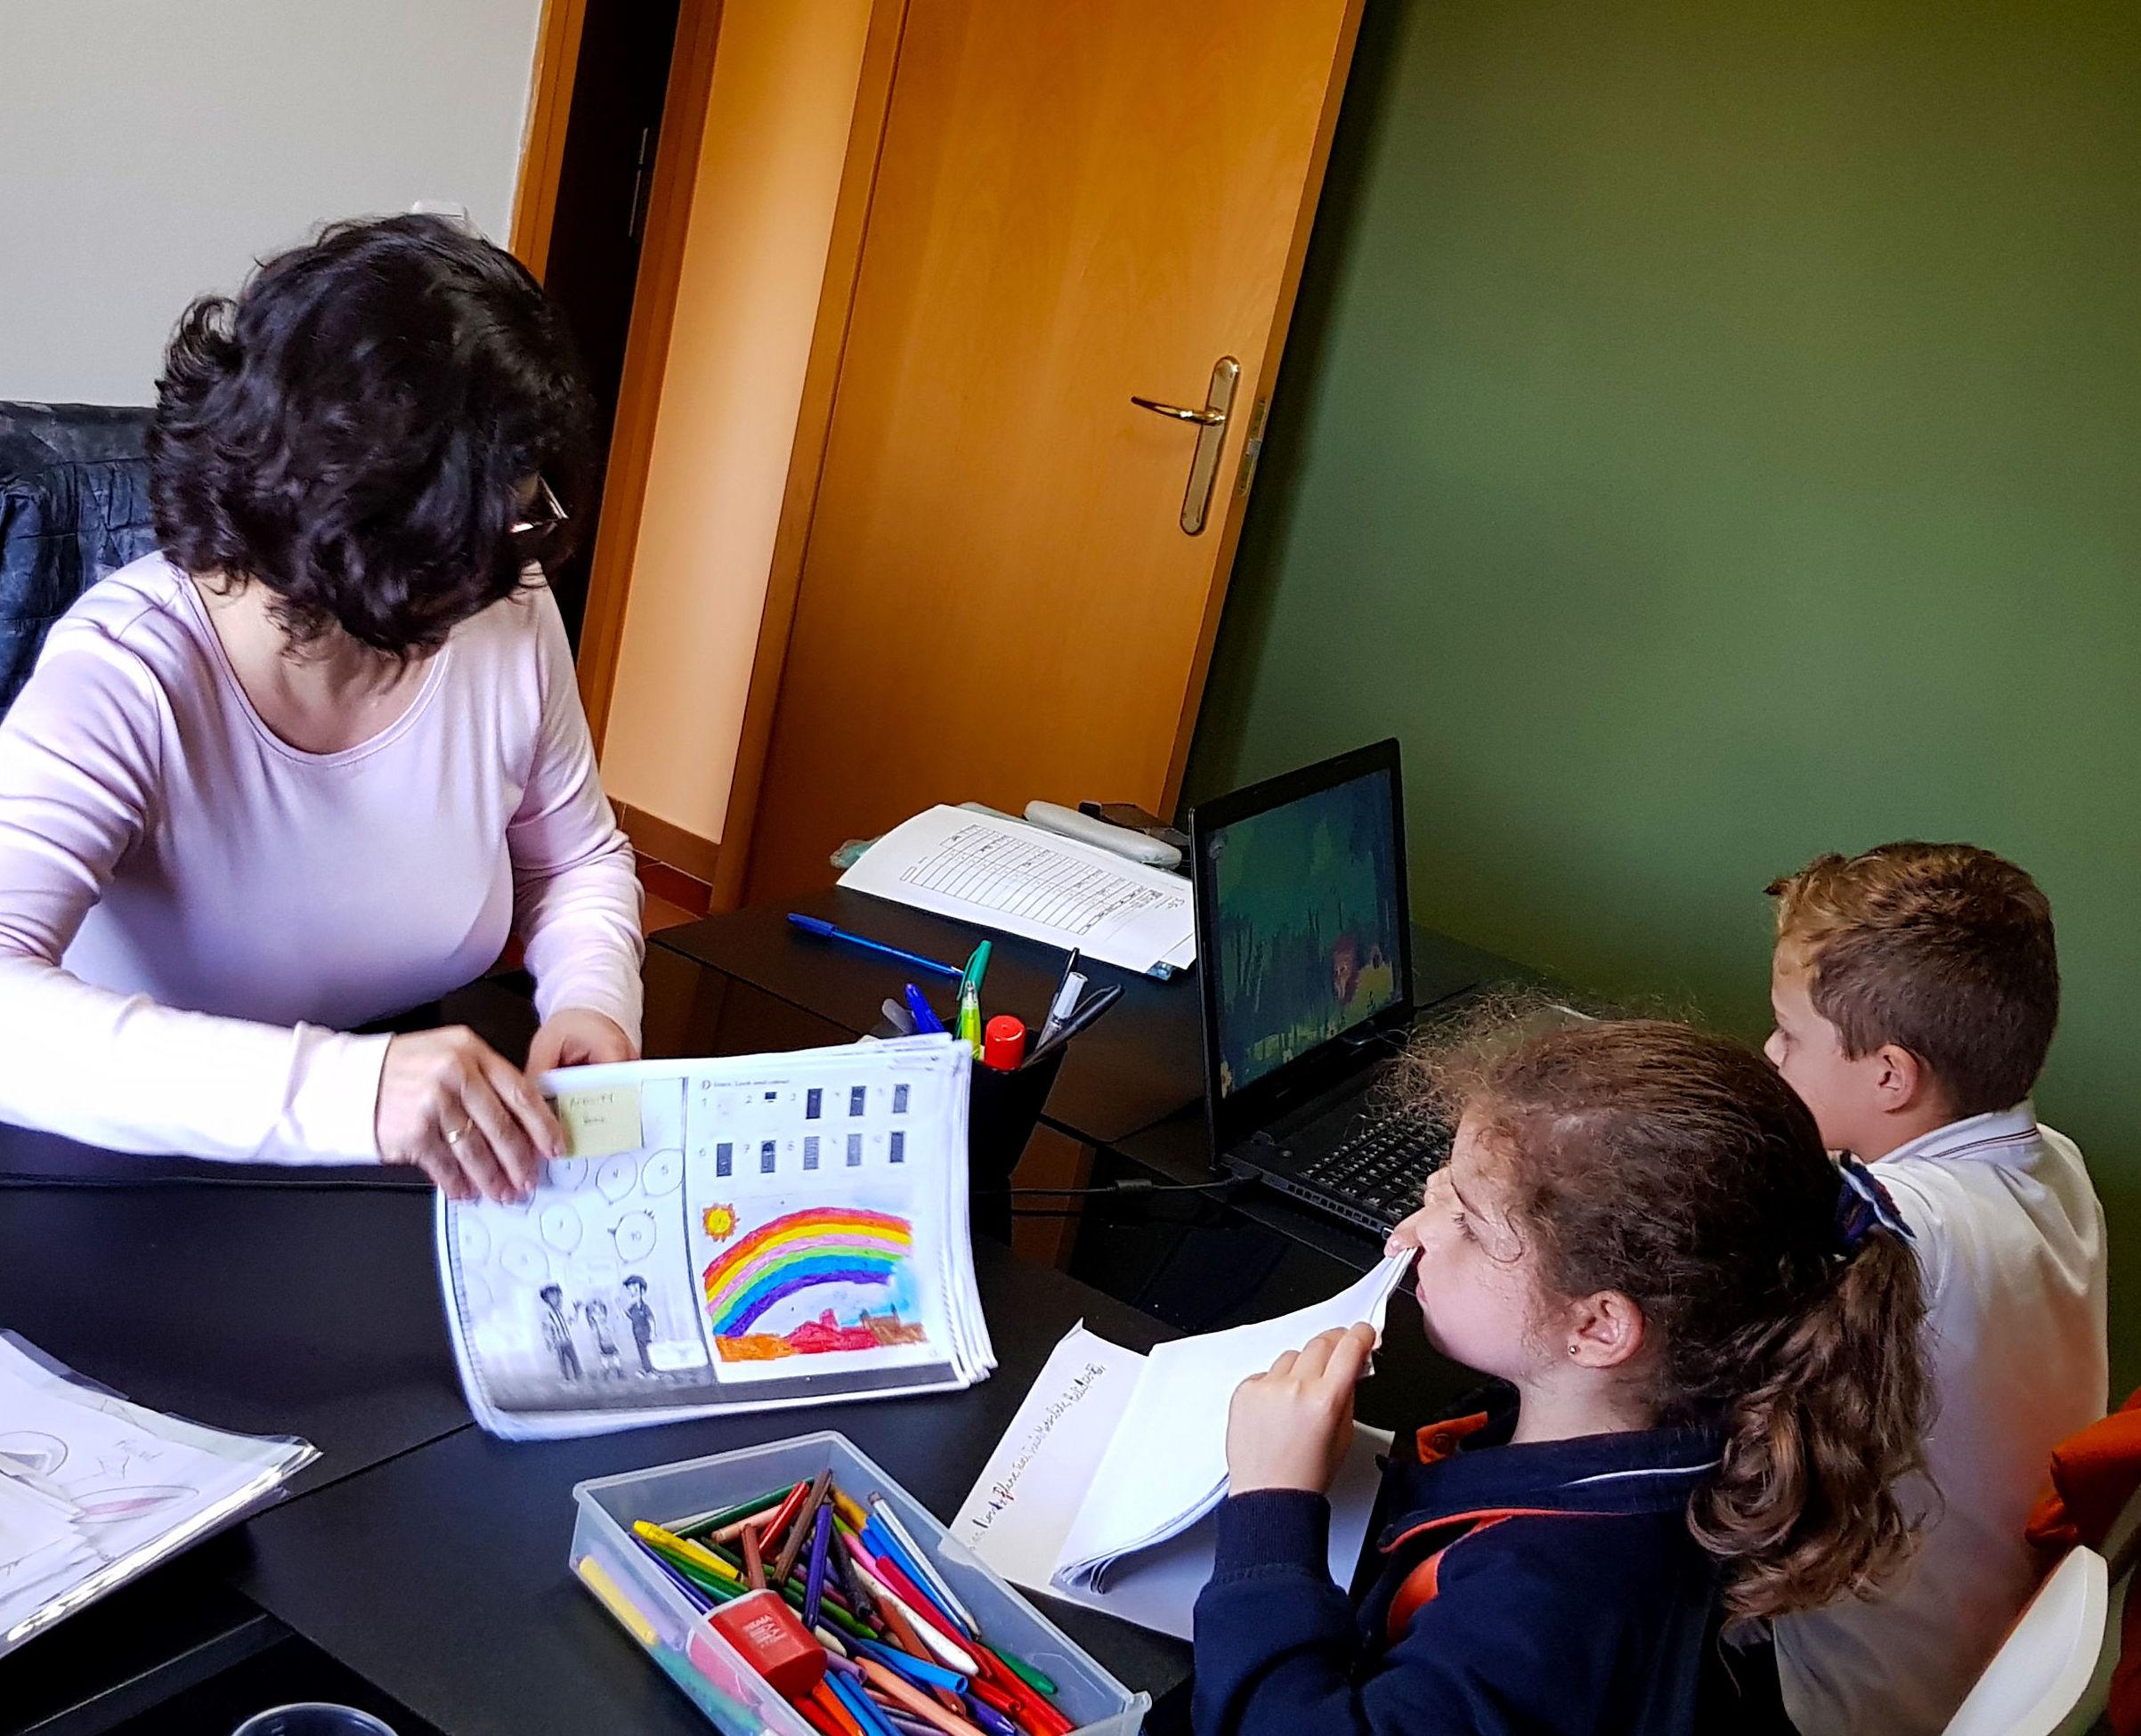 Foto 4 de Academia de idiomas en La Coruña | SBC Global Training